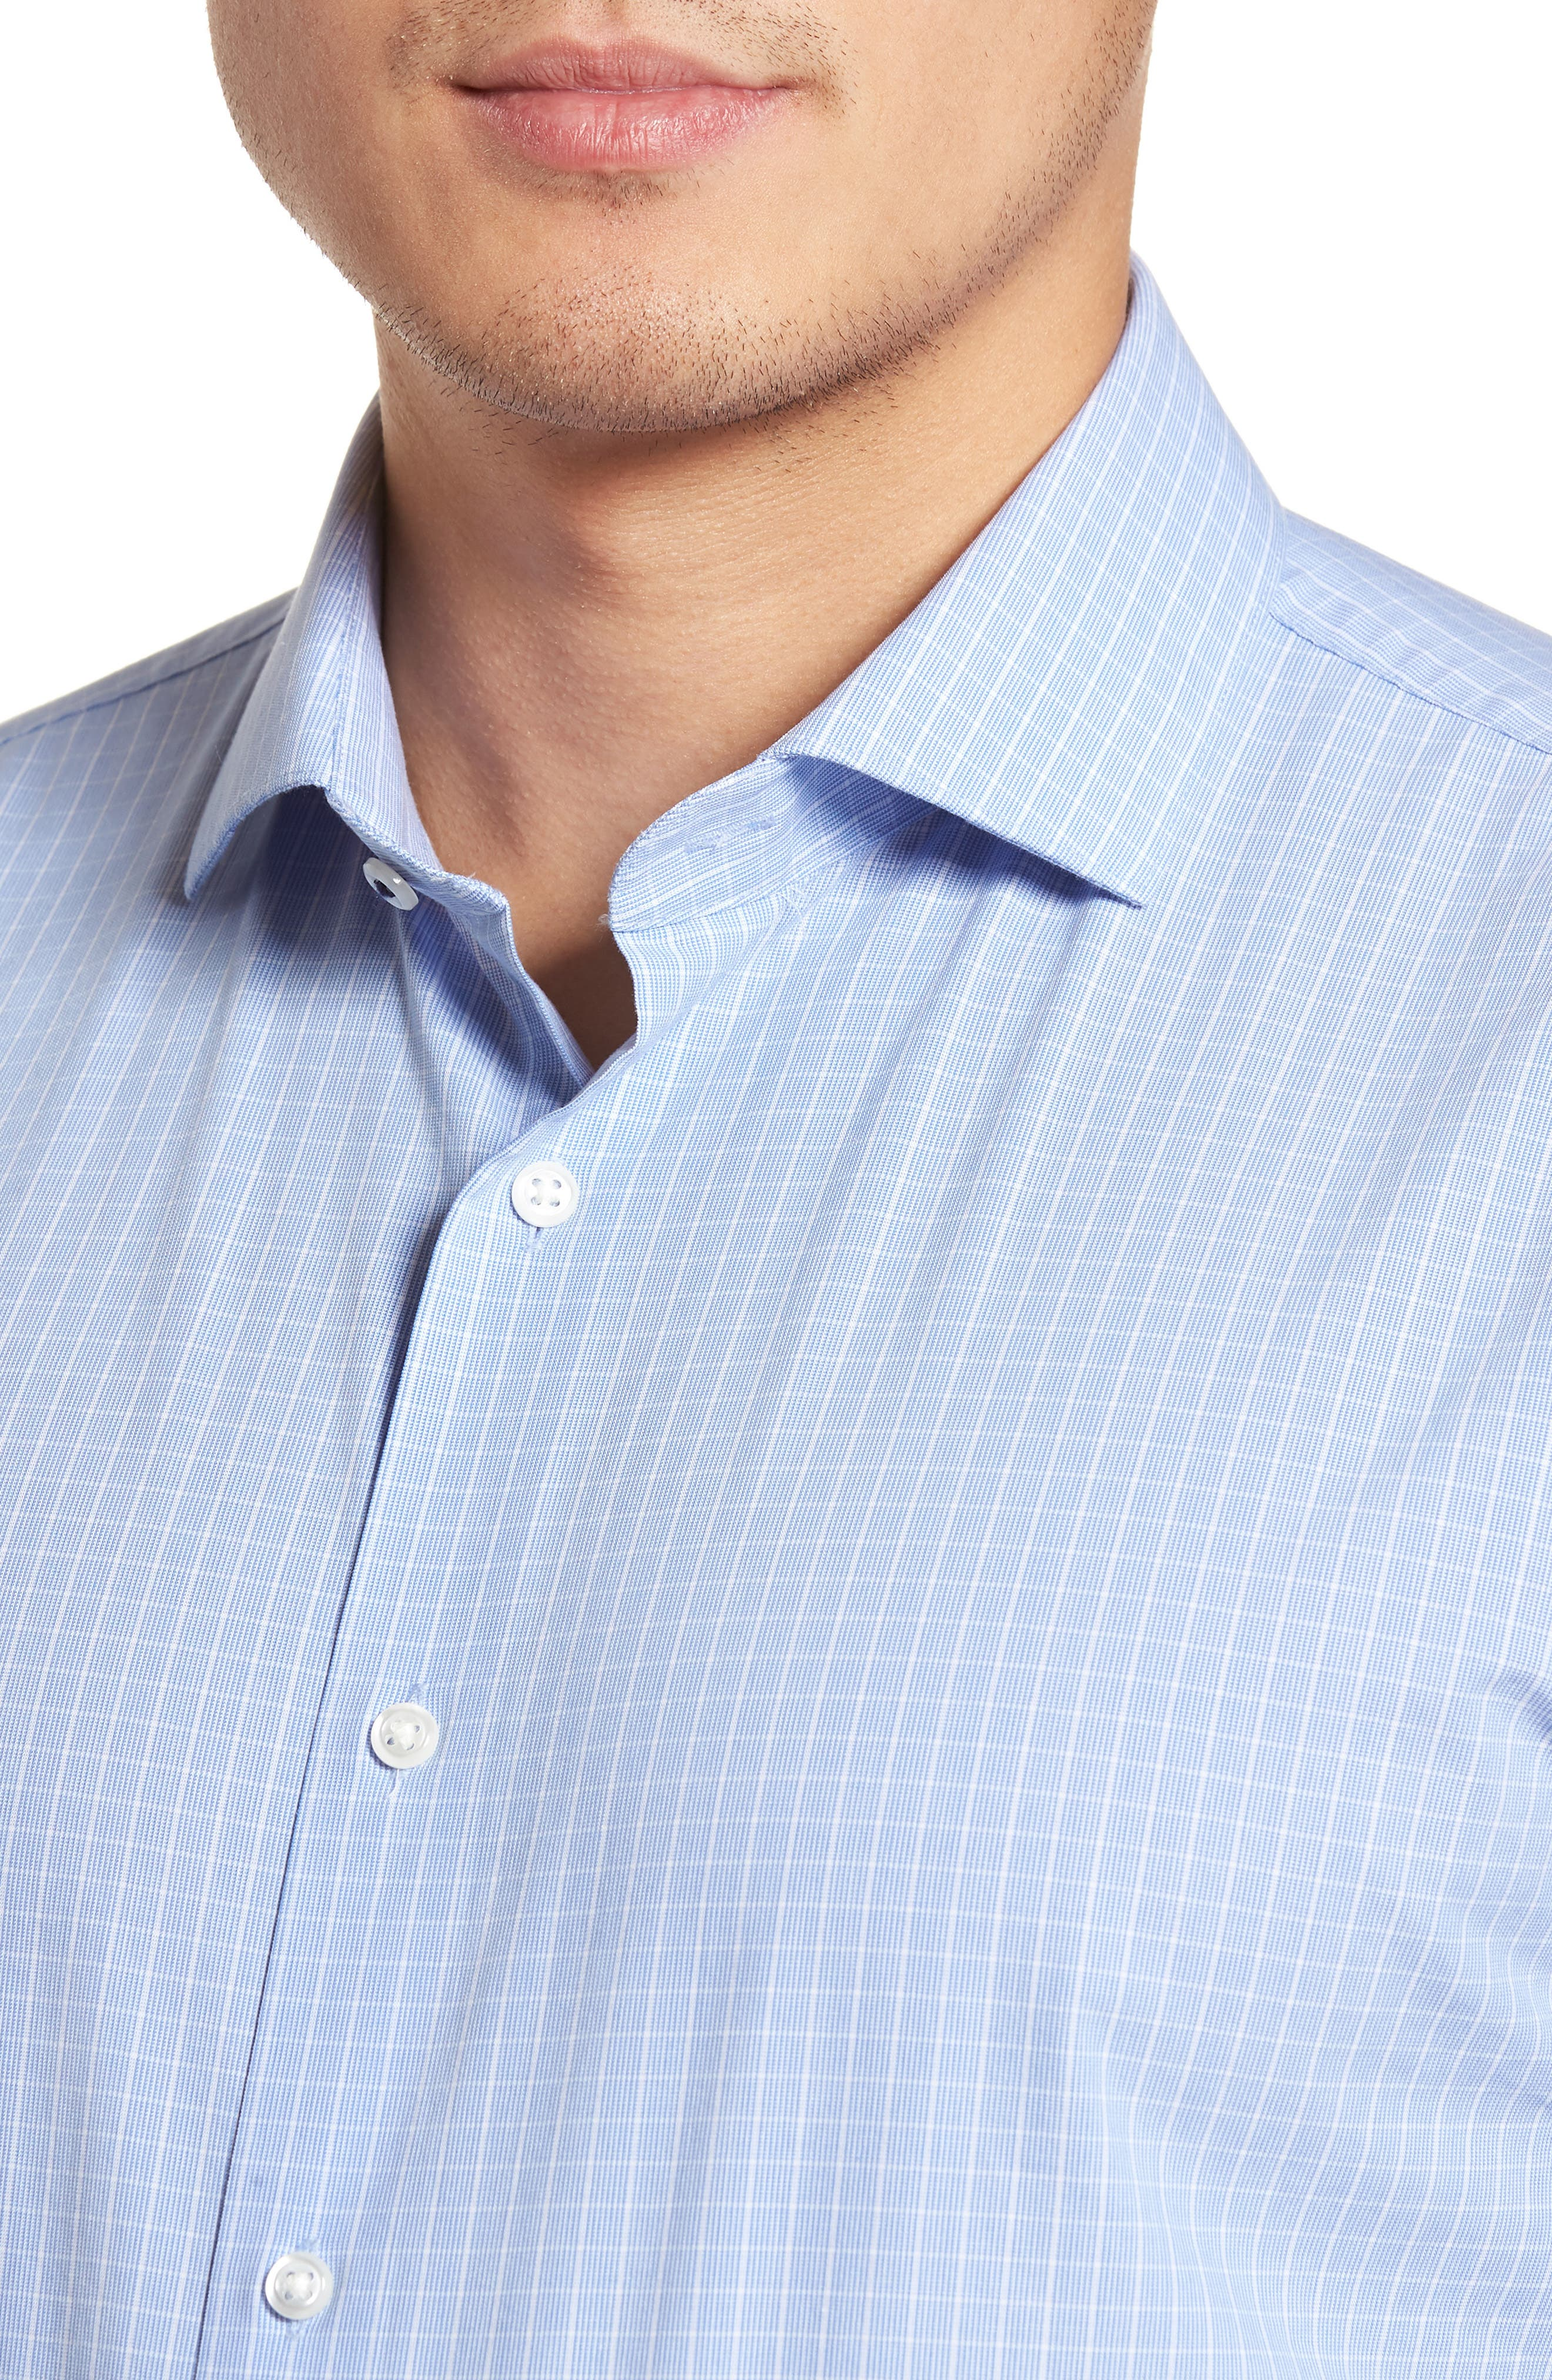 Tech-Smart Trim Fit Stretch Grid Dress Shirt,                             Alternate thumbnail 2, color,                             450